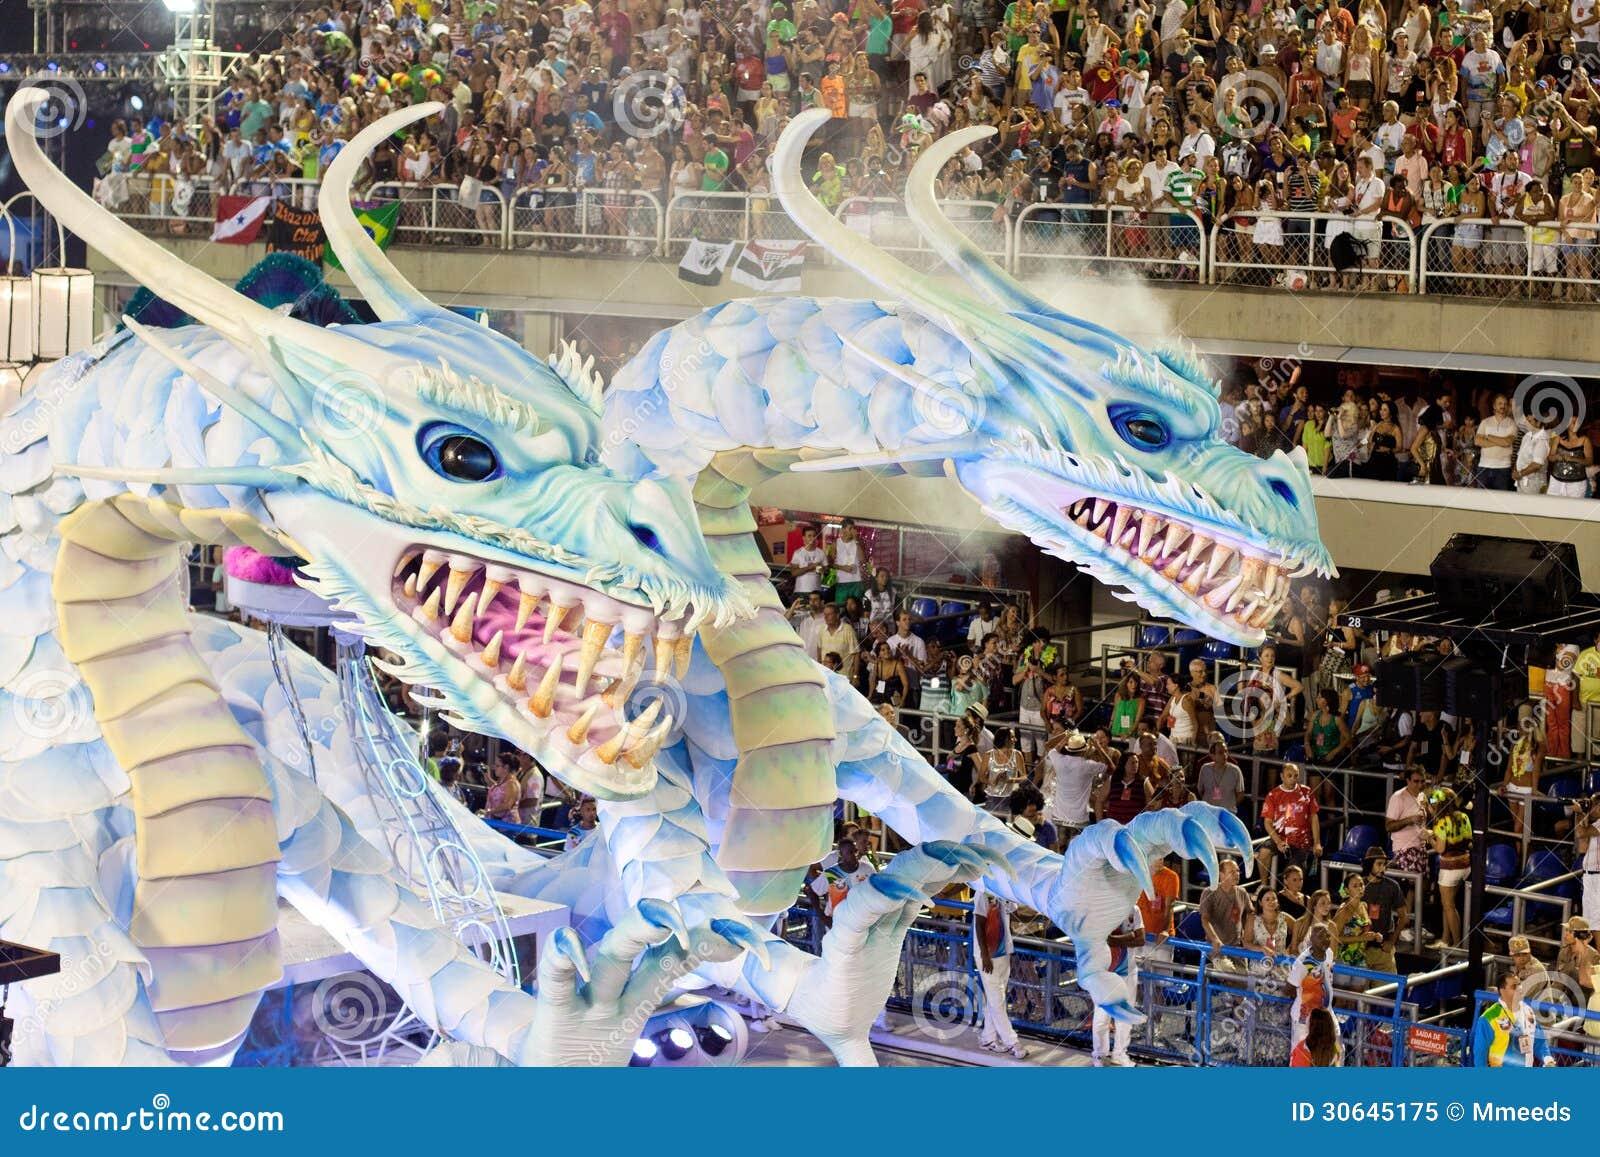 Toon met decoratie van draken op carnaval sambodromo in rio redactionele afbeelding afbeelding - Afbeelding van decoratie ...